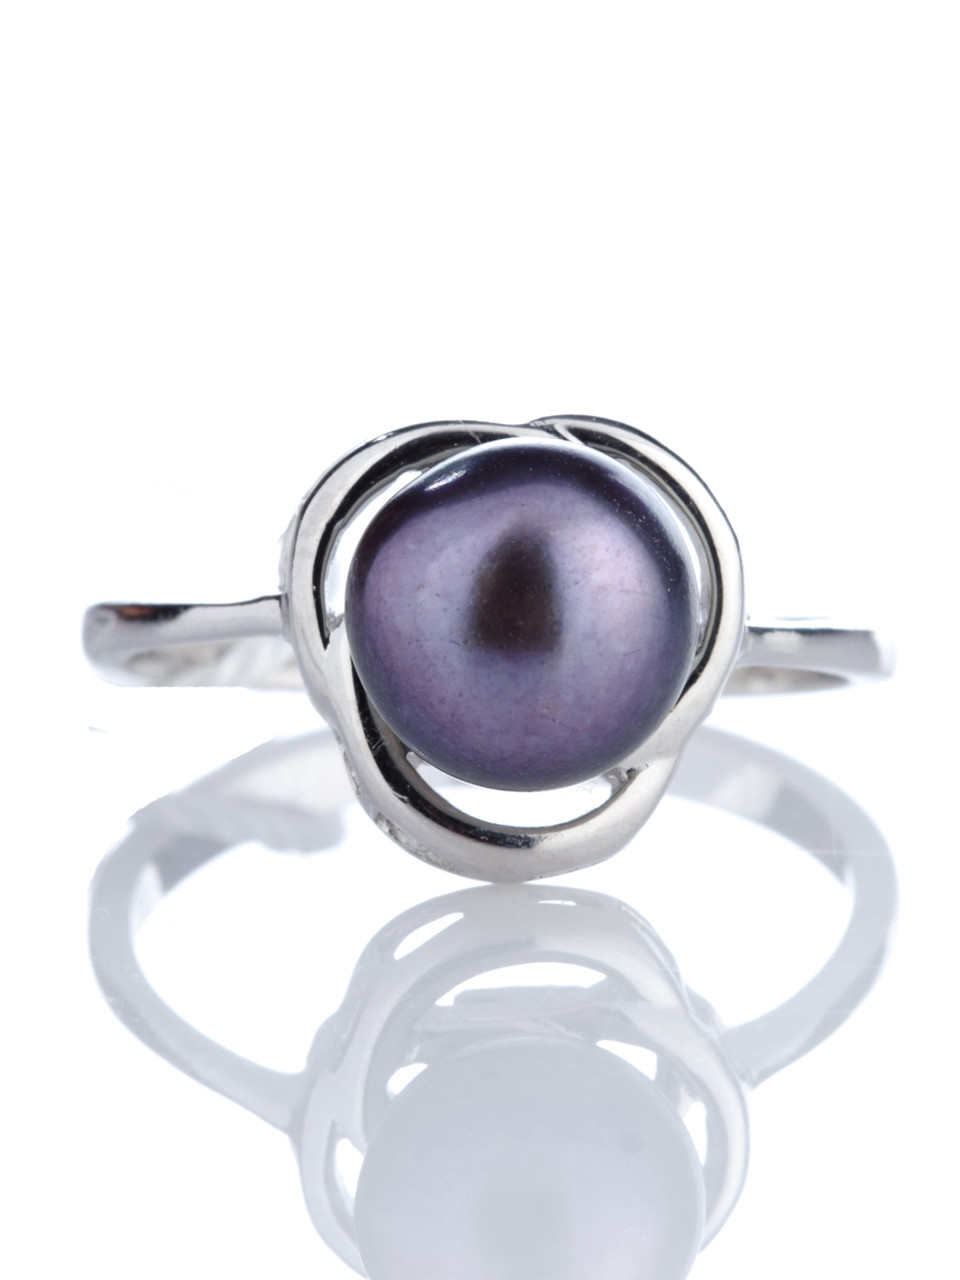 Кольцо серебряное с тёмным жемчугом